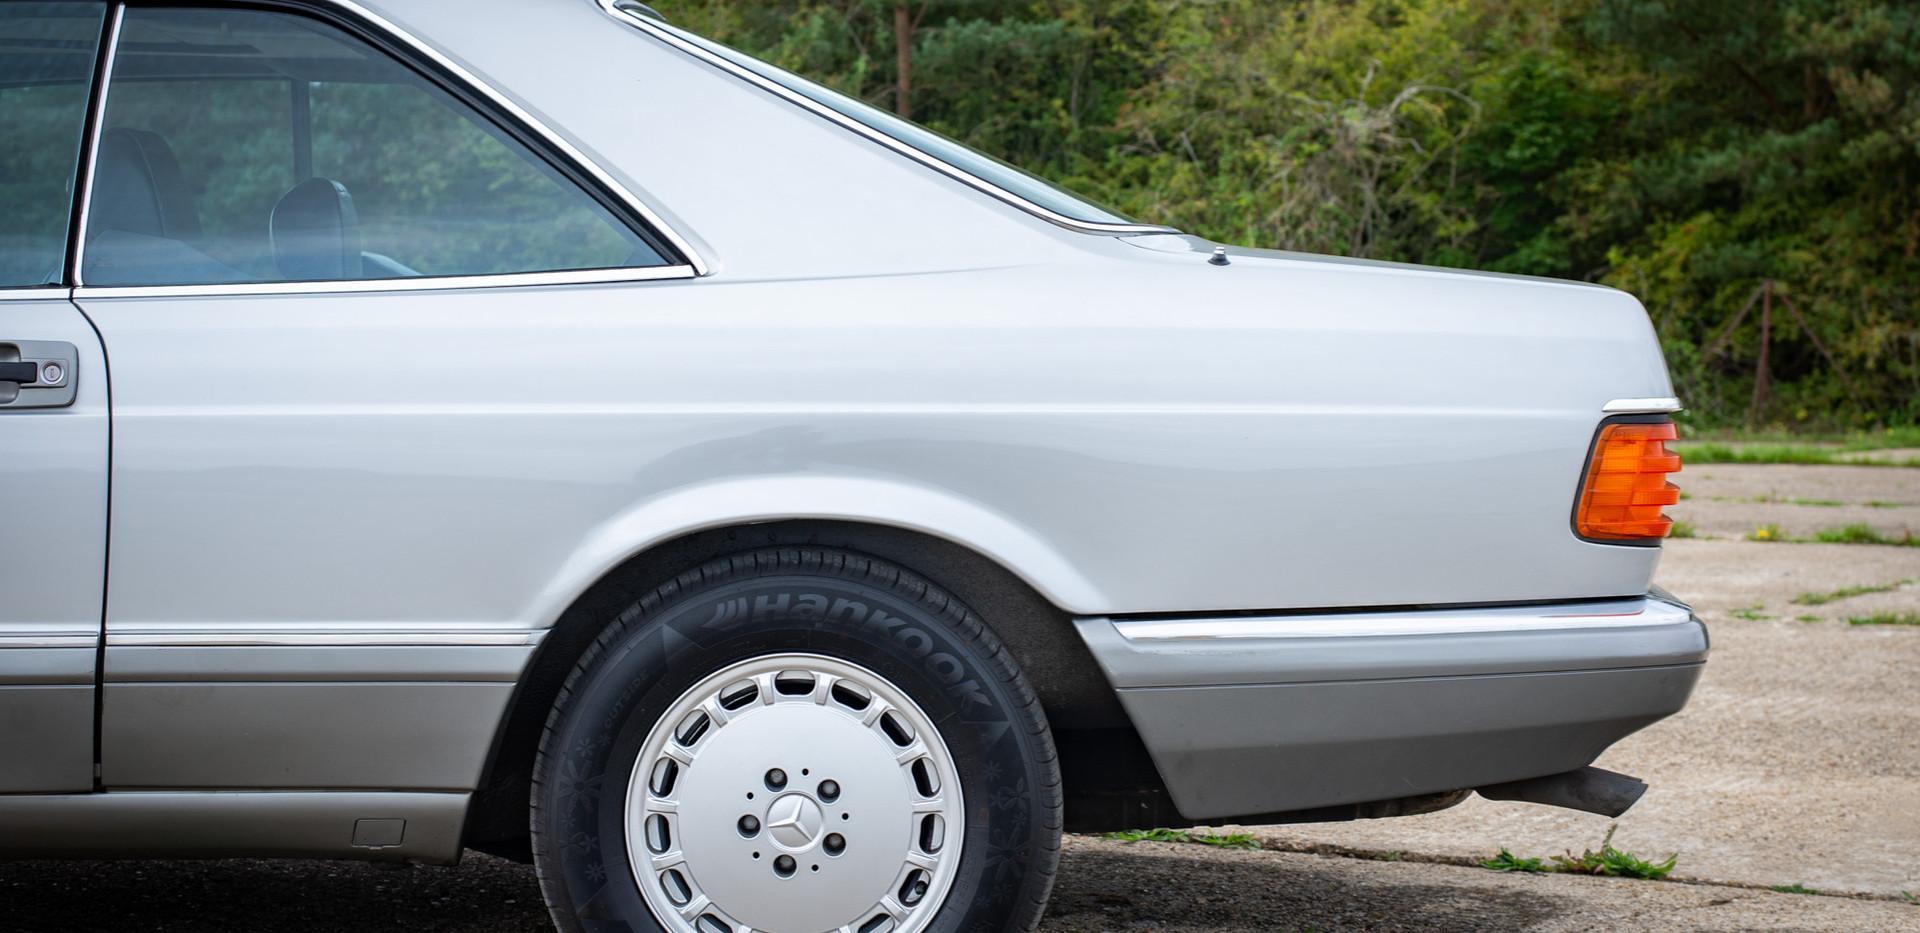 W126 420SEC - Uk for sale london-24.jpg